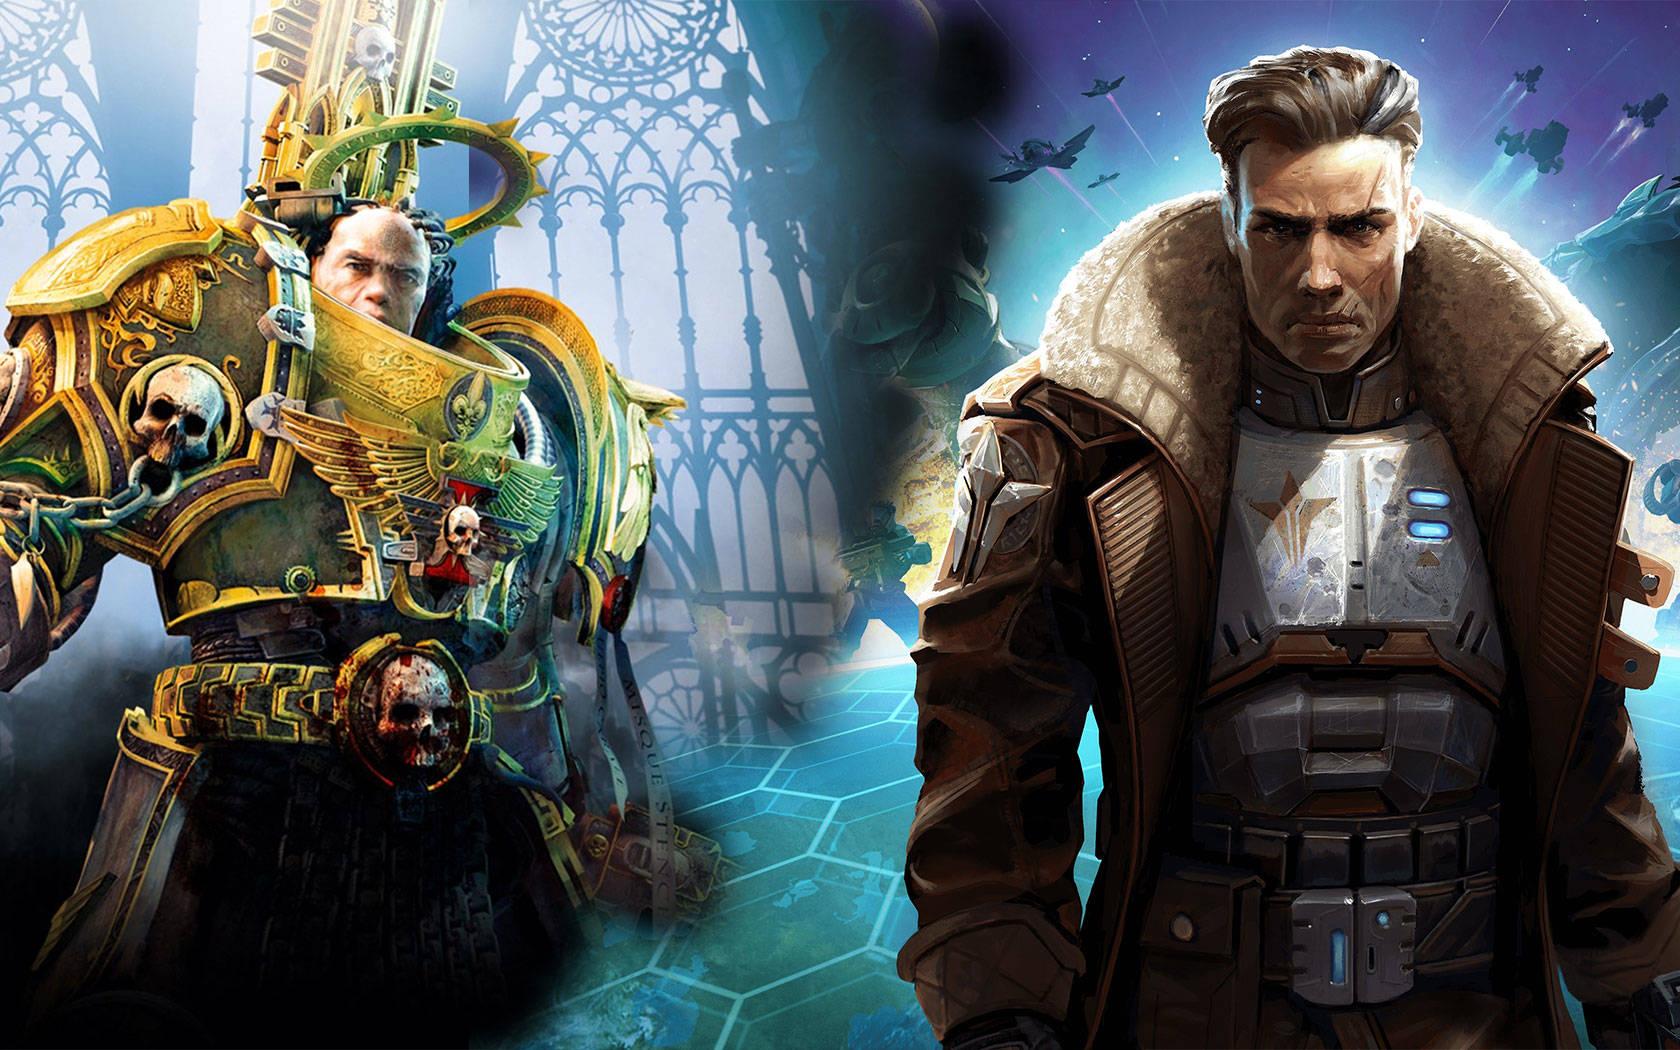 STEAM瘋狂周三,戰錘奇幻與奇跡世界科幻的游戲對碰